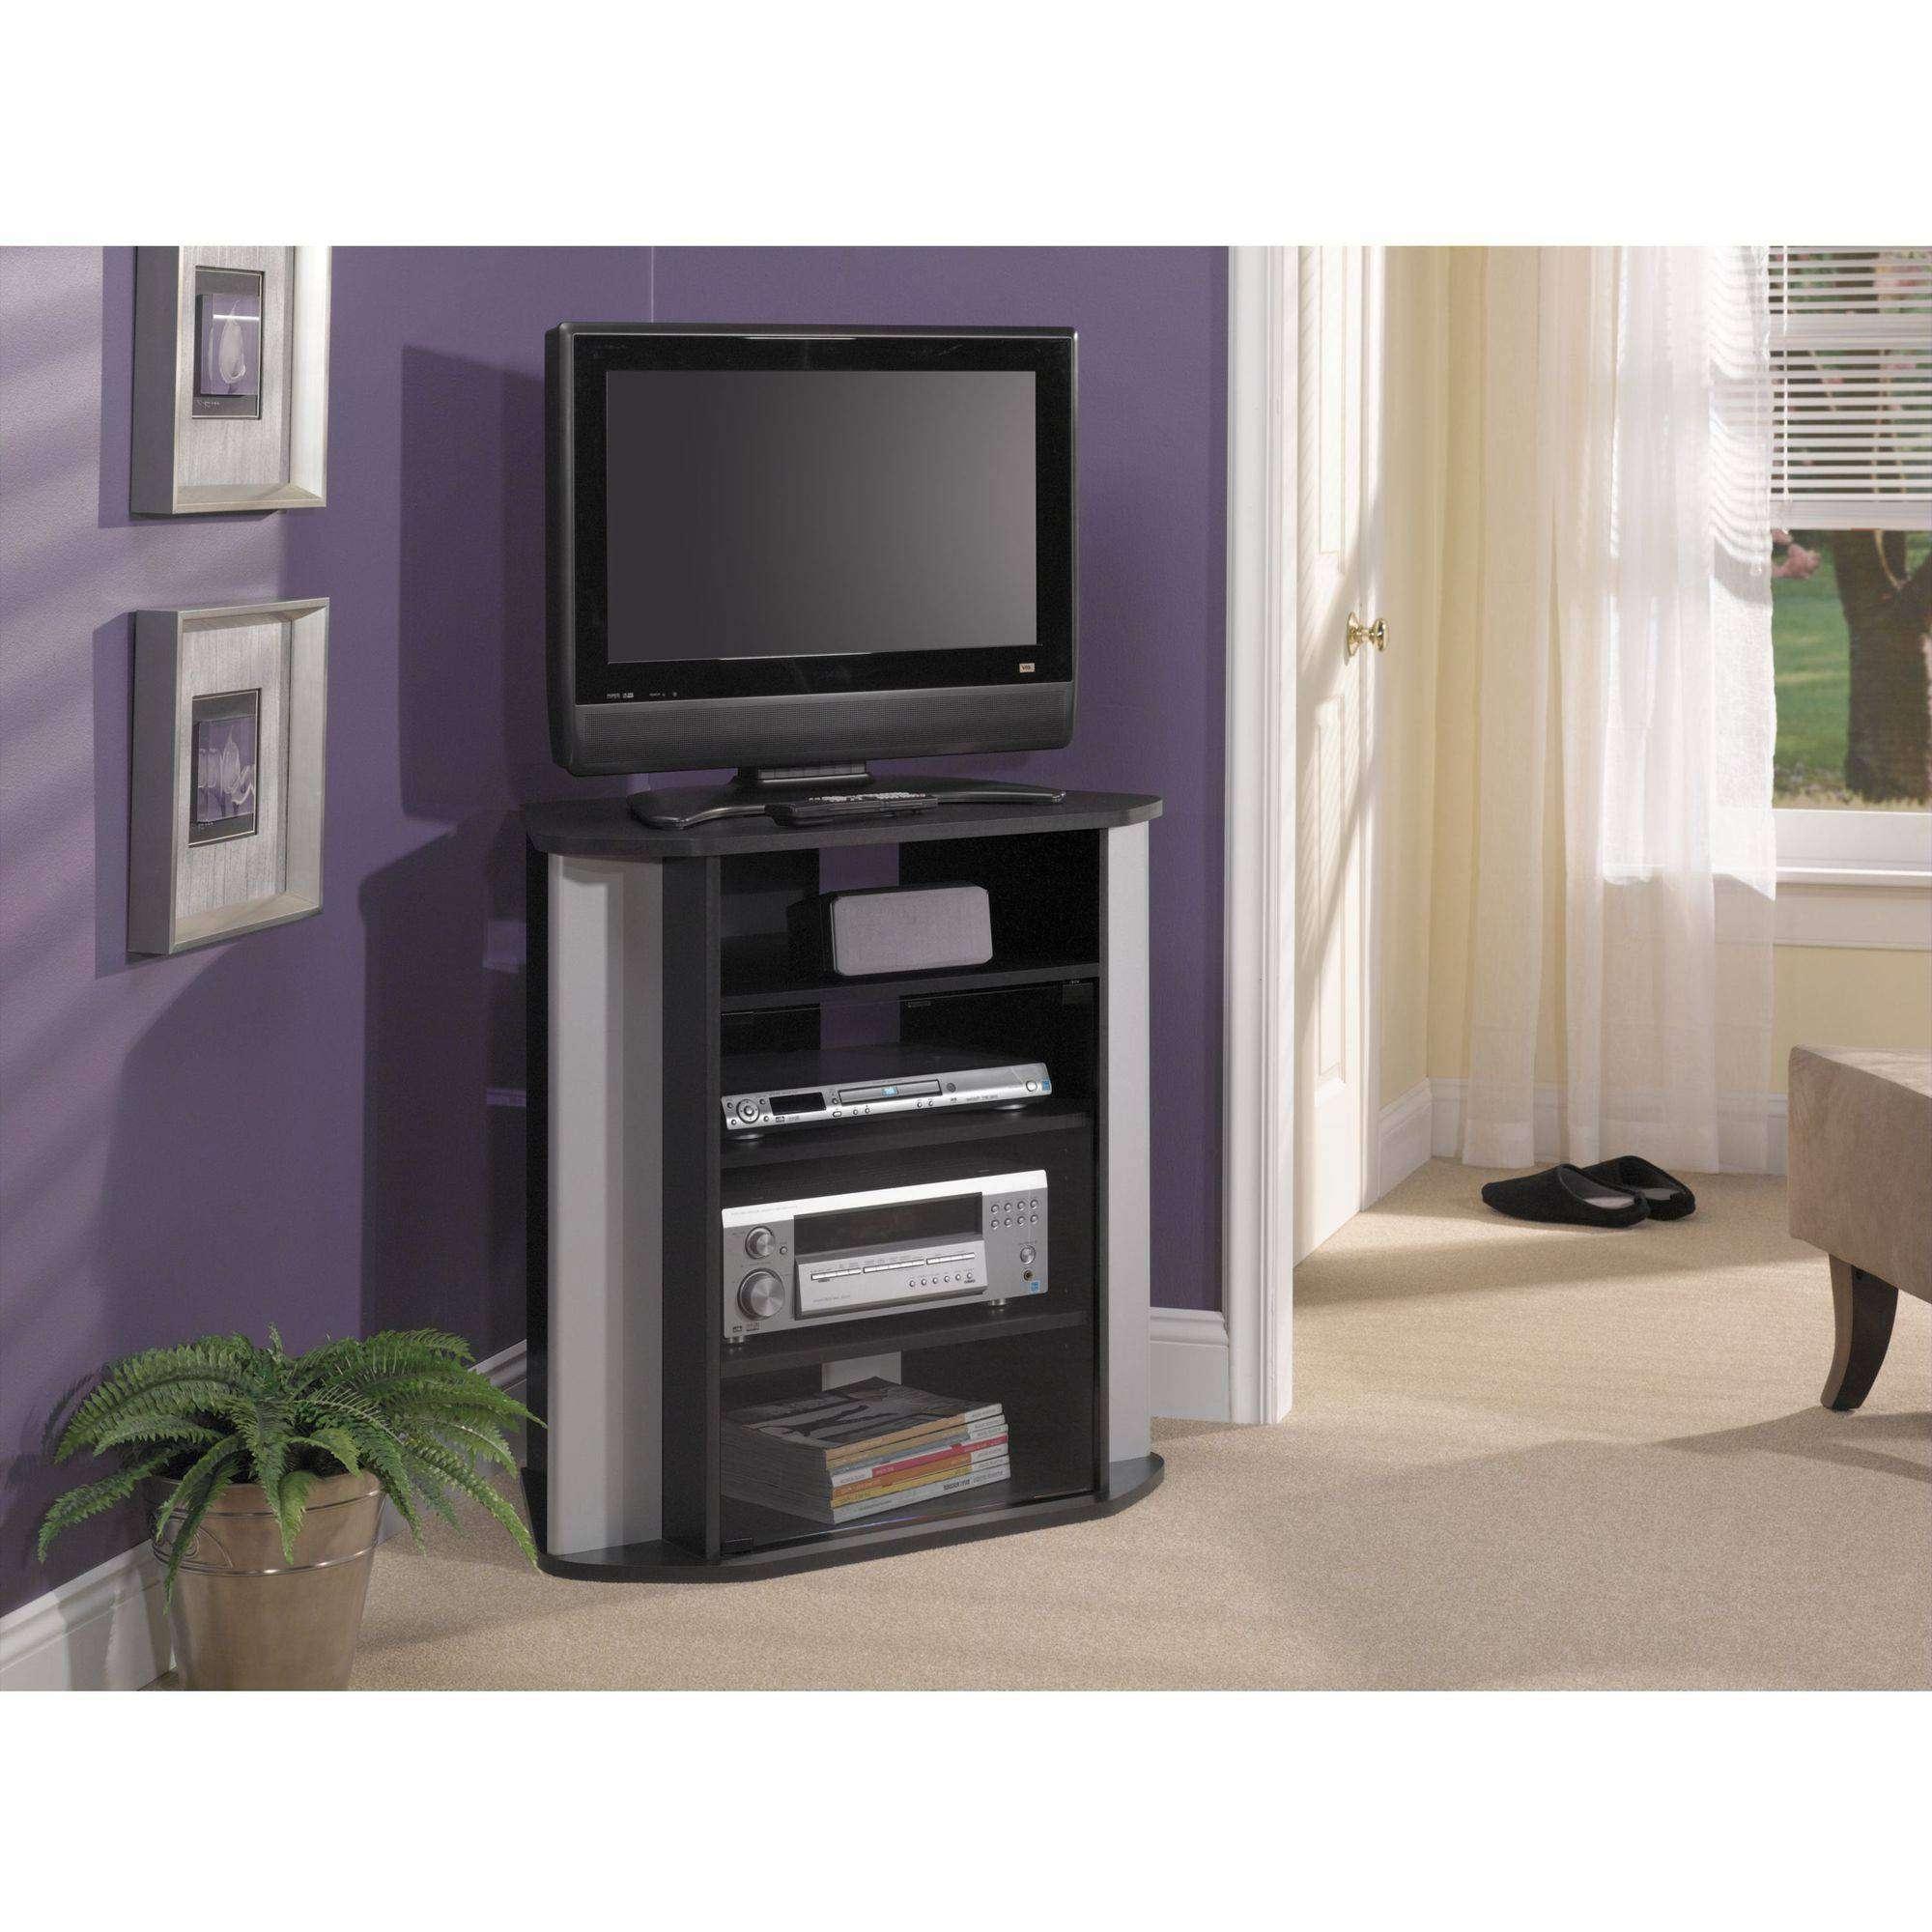 Corner Tv Stands – Walmart In Corner Tv Cabinets For Flat Screens With Doors (View 8 of 20)